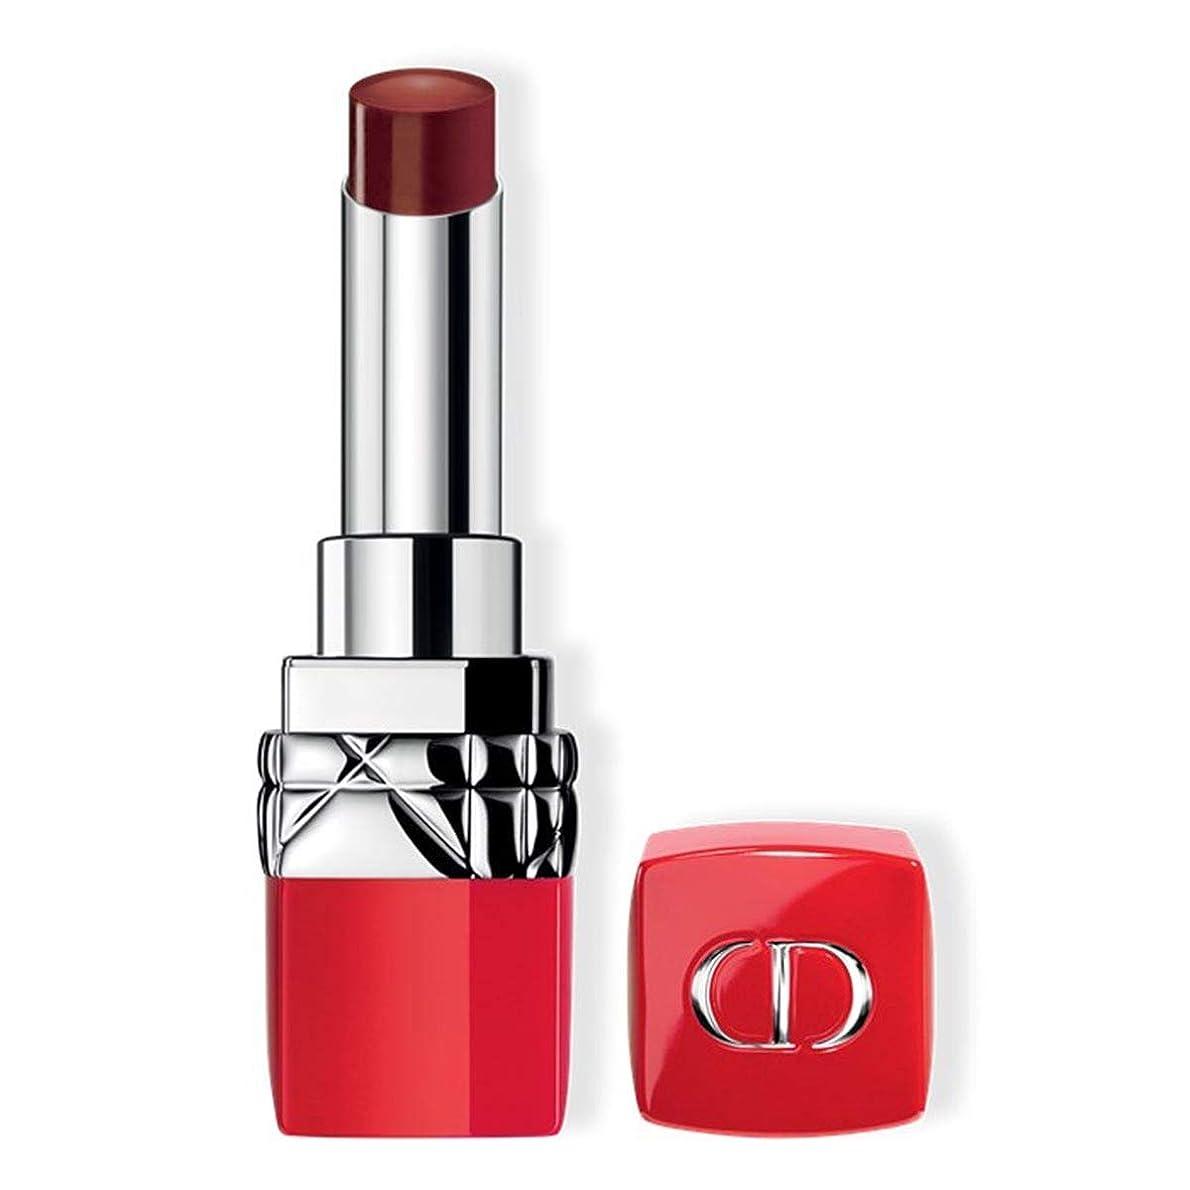 敵対的角度アレキサンダーグラハムベルクリスチャンディオール Rouge Dior Ultra Rouge - # 843 Ultra Crave 3.2g/0.11oz並行輸入品